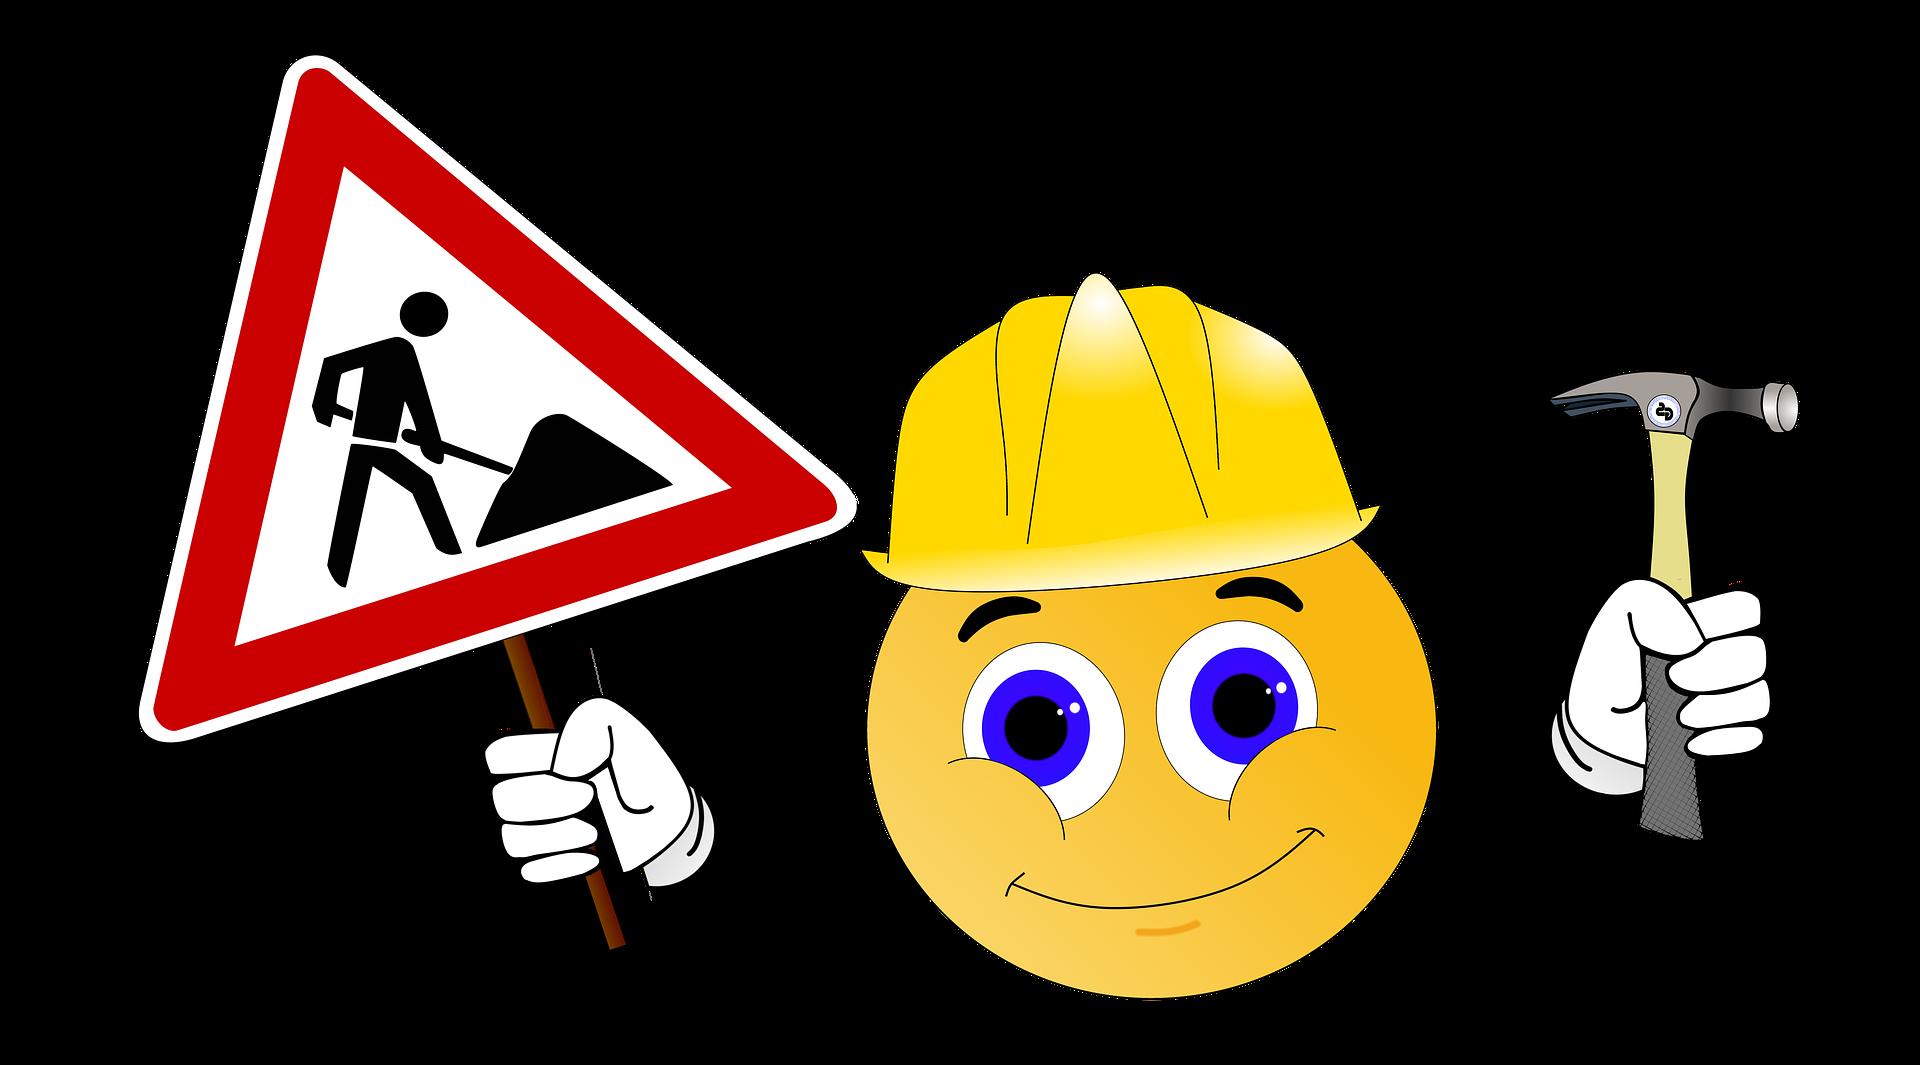 Przerwy technologiczne na budowie. Ile trzeba czekać z poszczególnymi pracami?